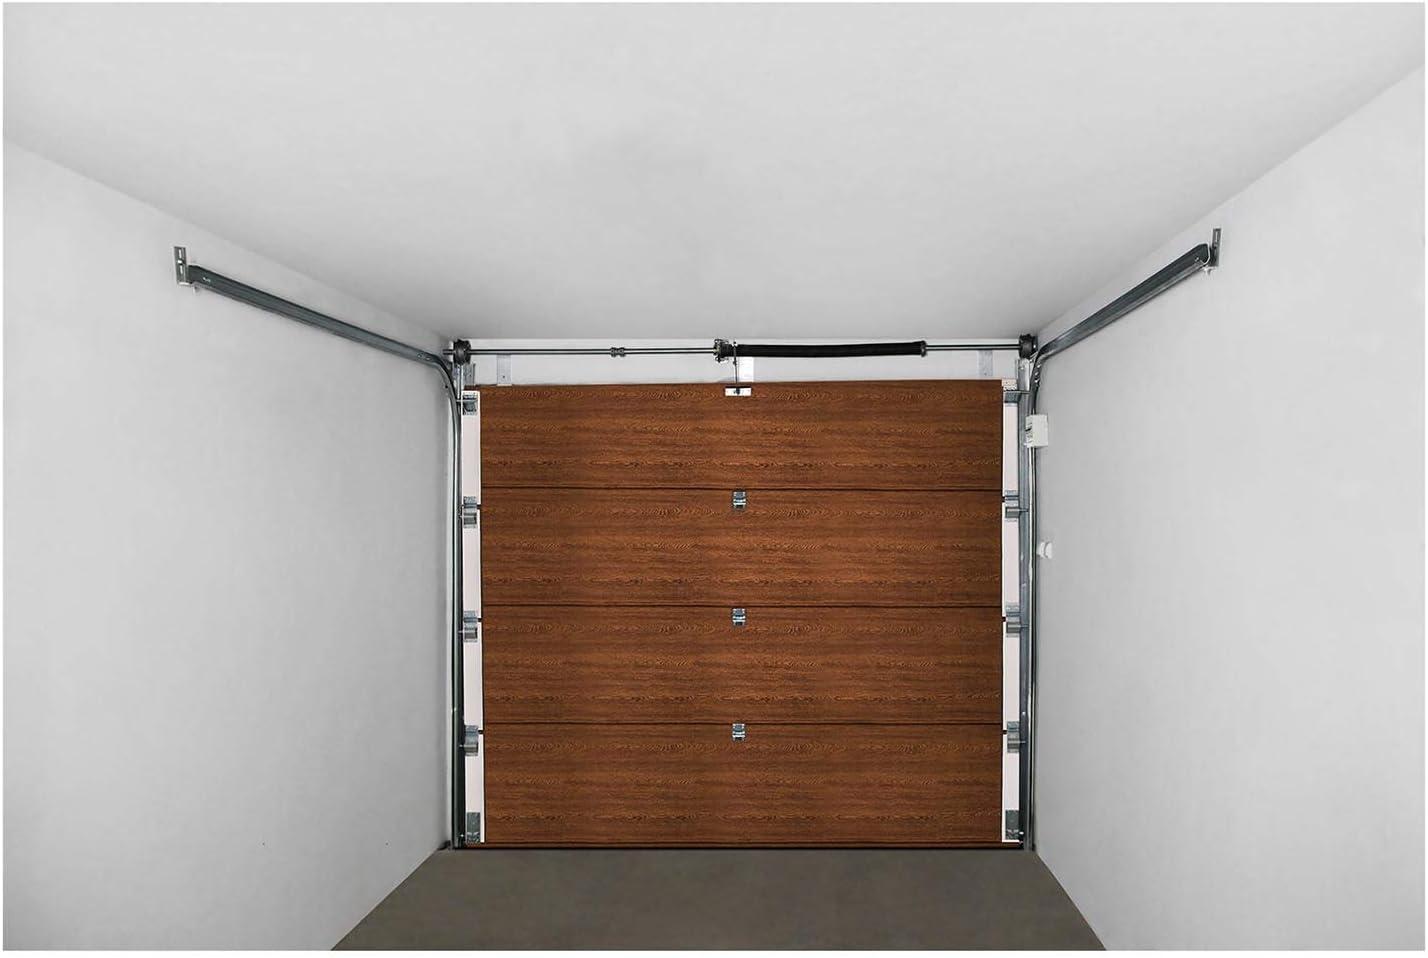 MSW Puerta de Garaje Seccional GD2375 Golden Oak (Abertura 2.375 x 2.125 mm, Juntas resistentes, 4 Secciones) Roble Dorado: Amazon.es: Bricolaje y herramientas